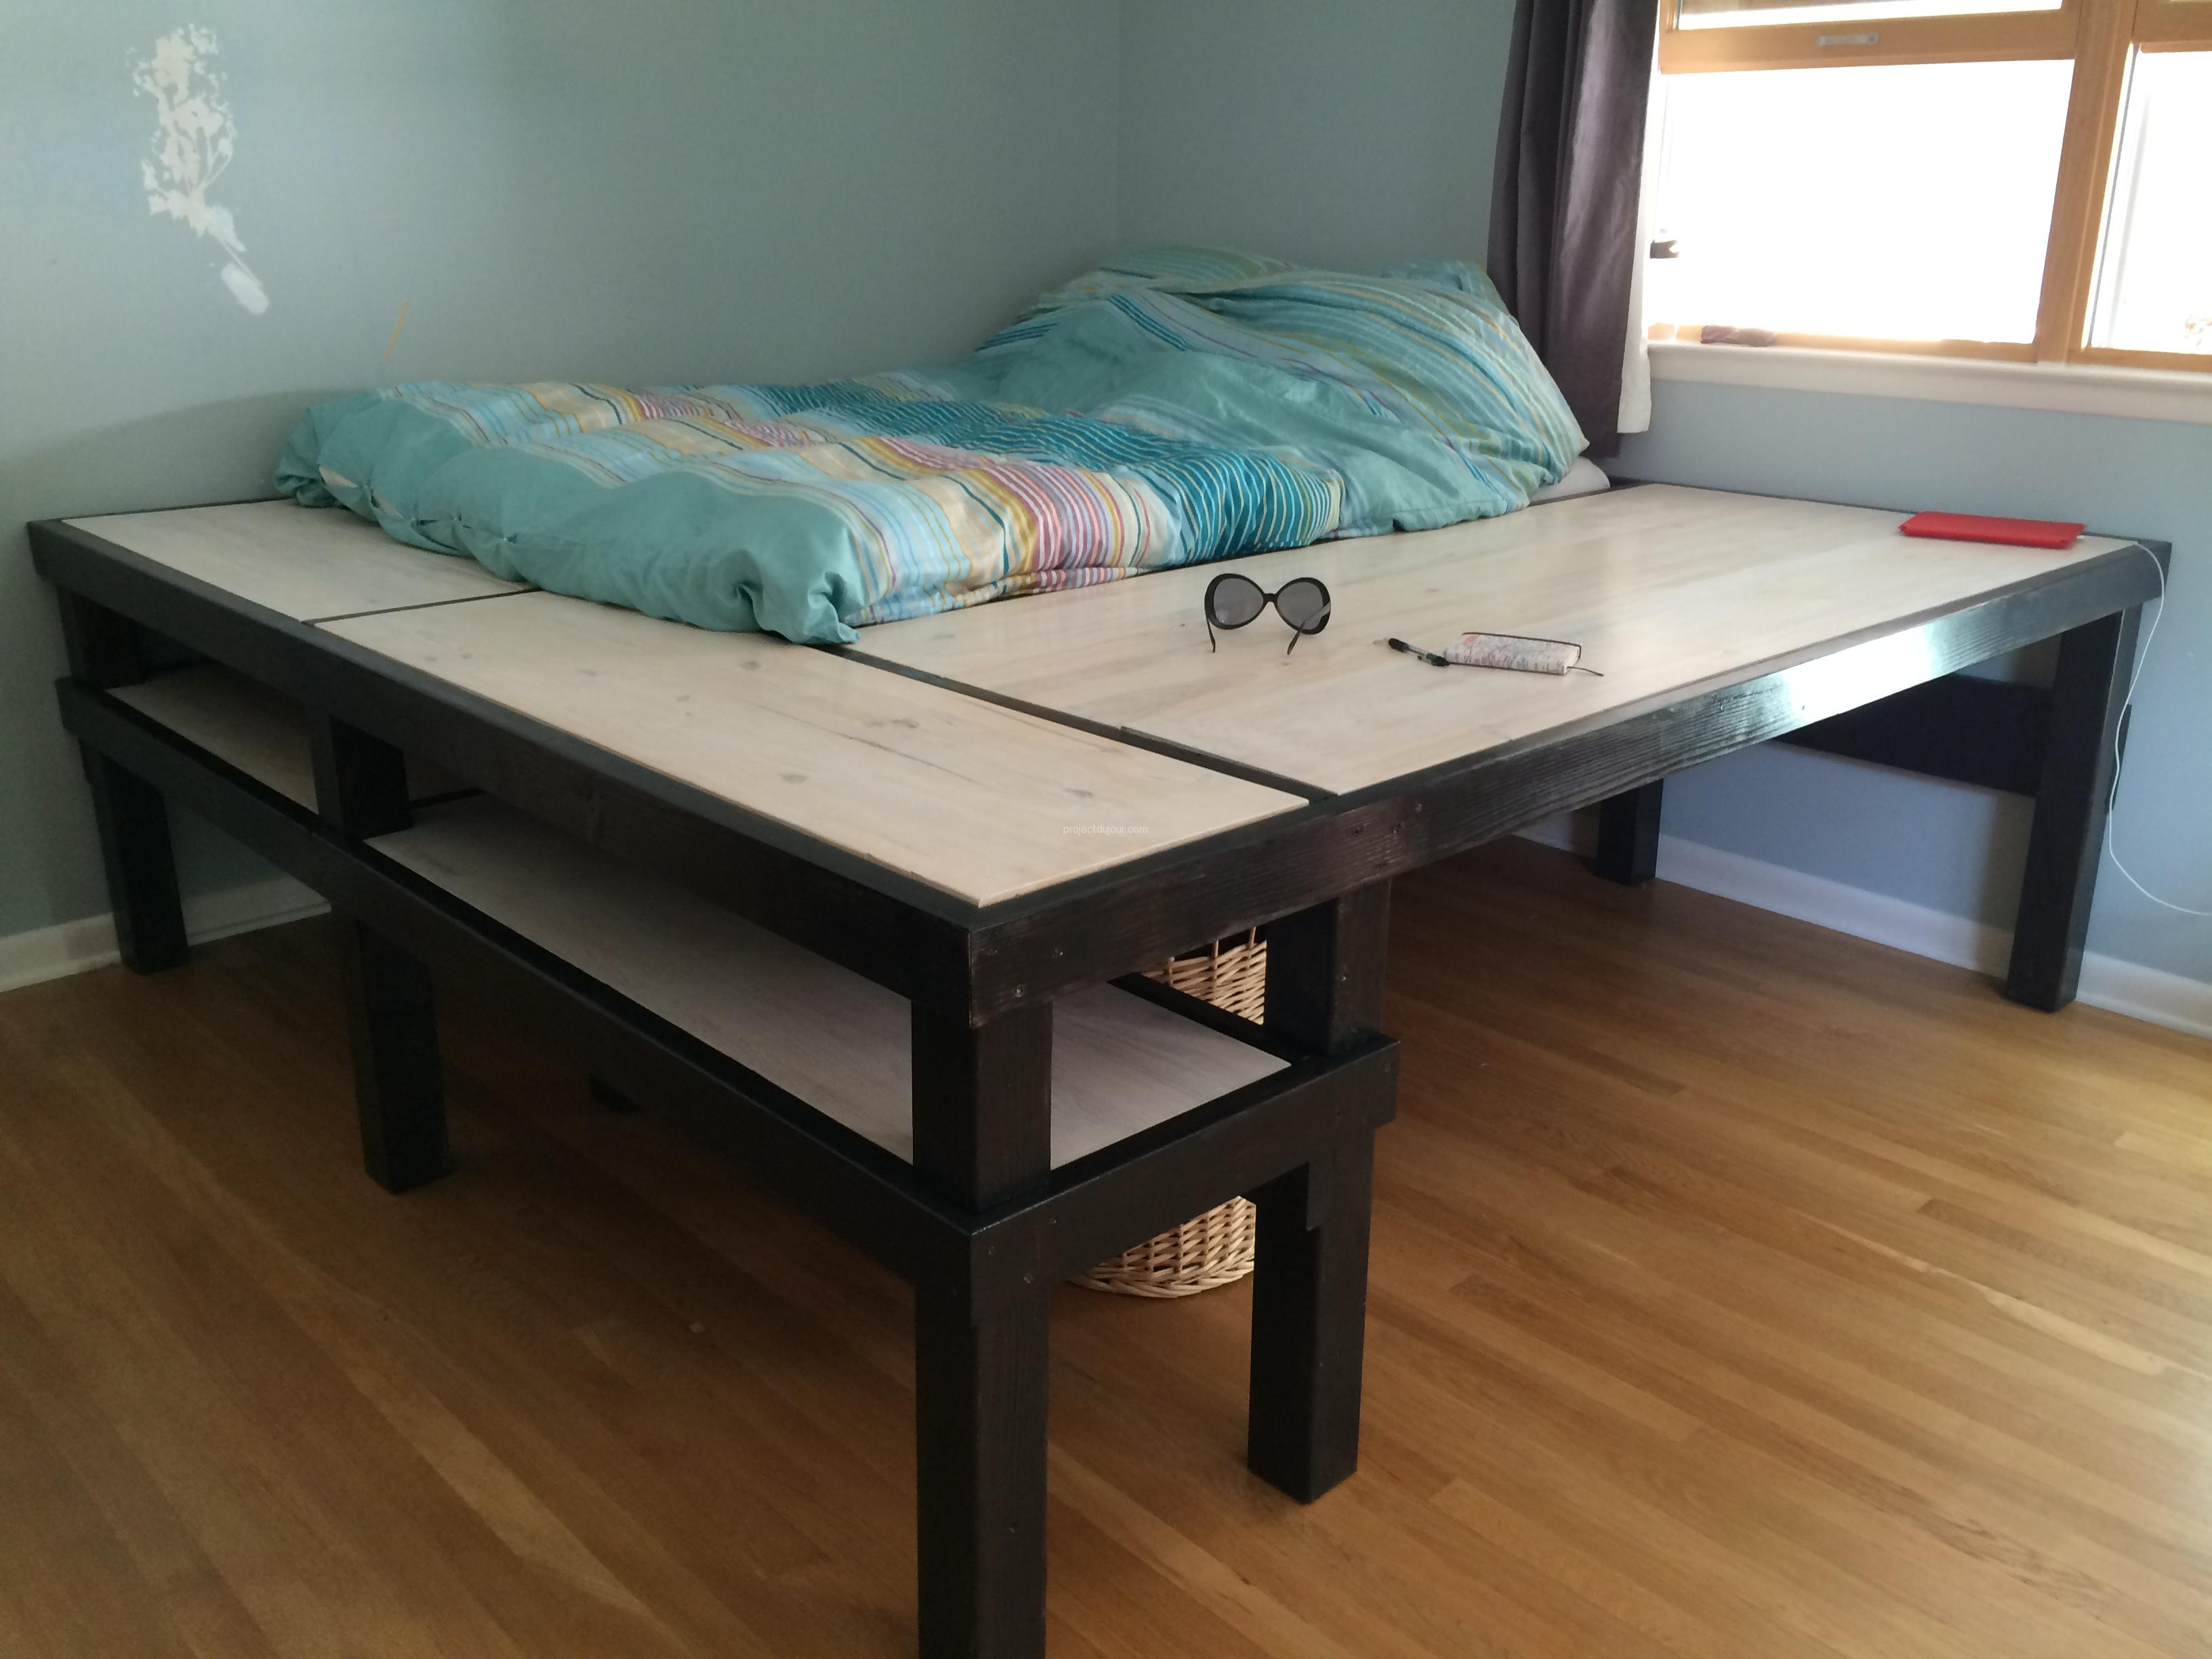 bed-desk-61-finished Diy Bed Table